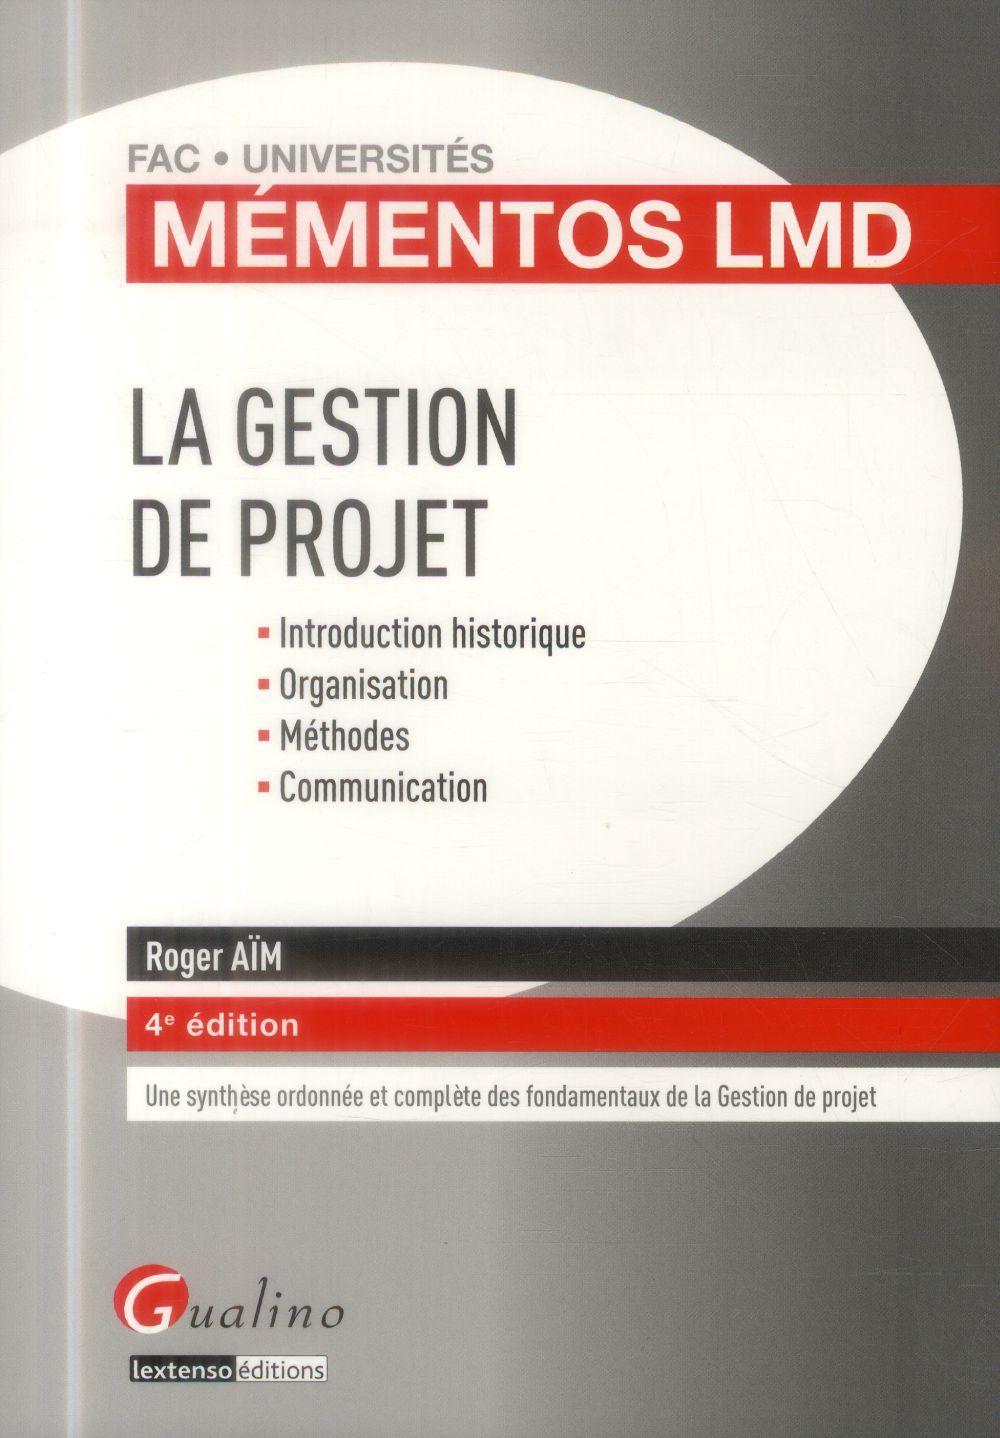 La gestion de projet (4e édition)